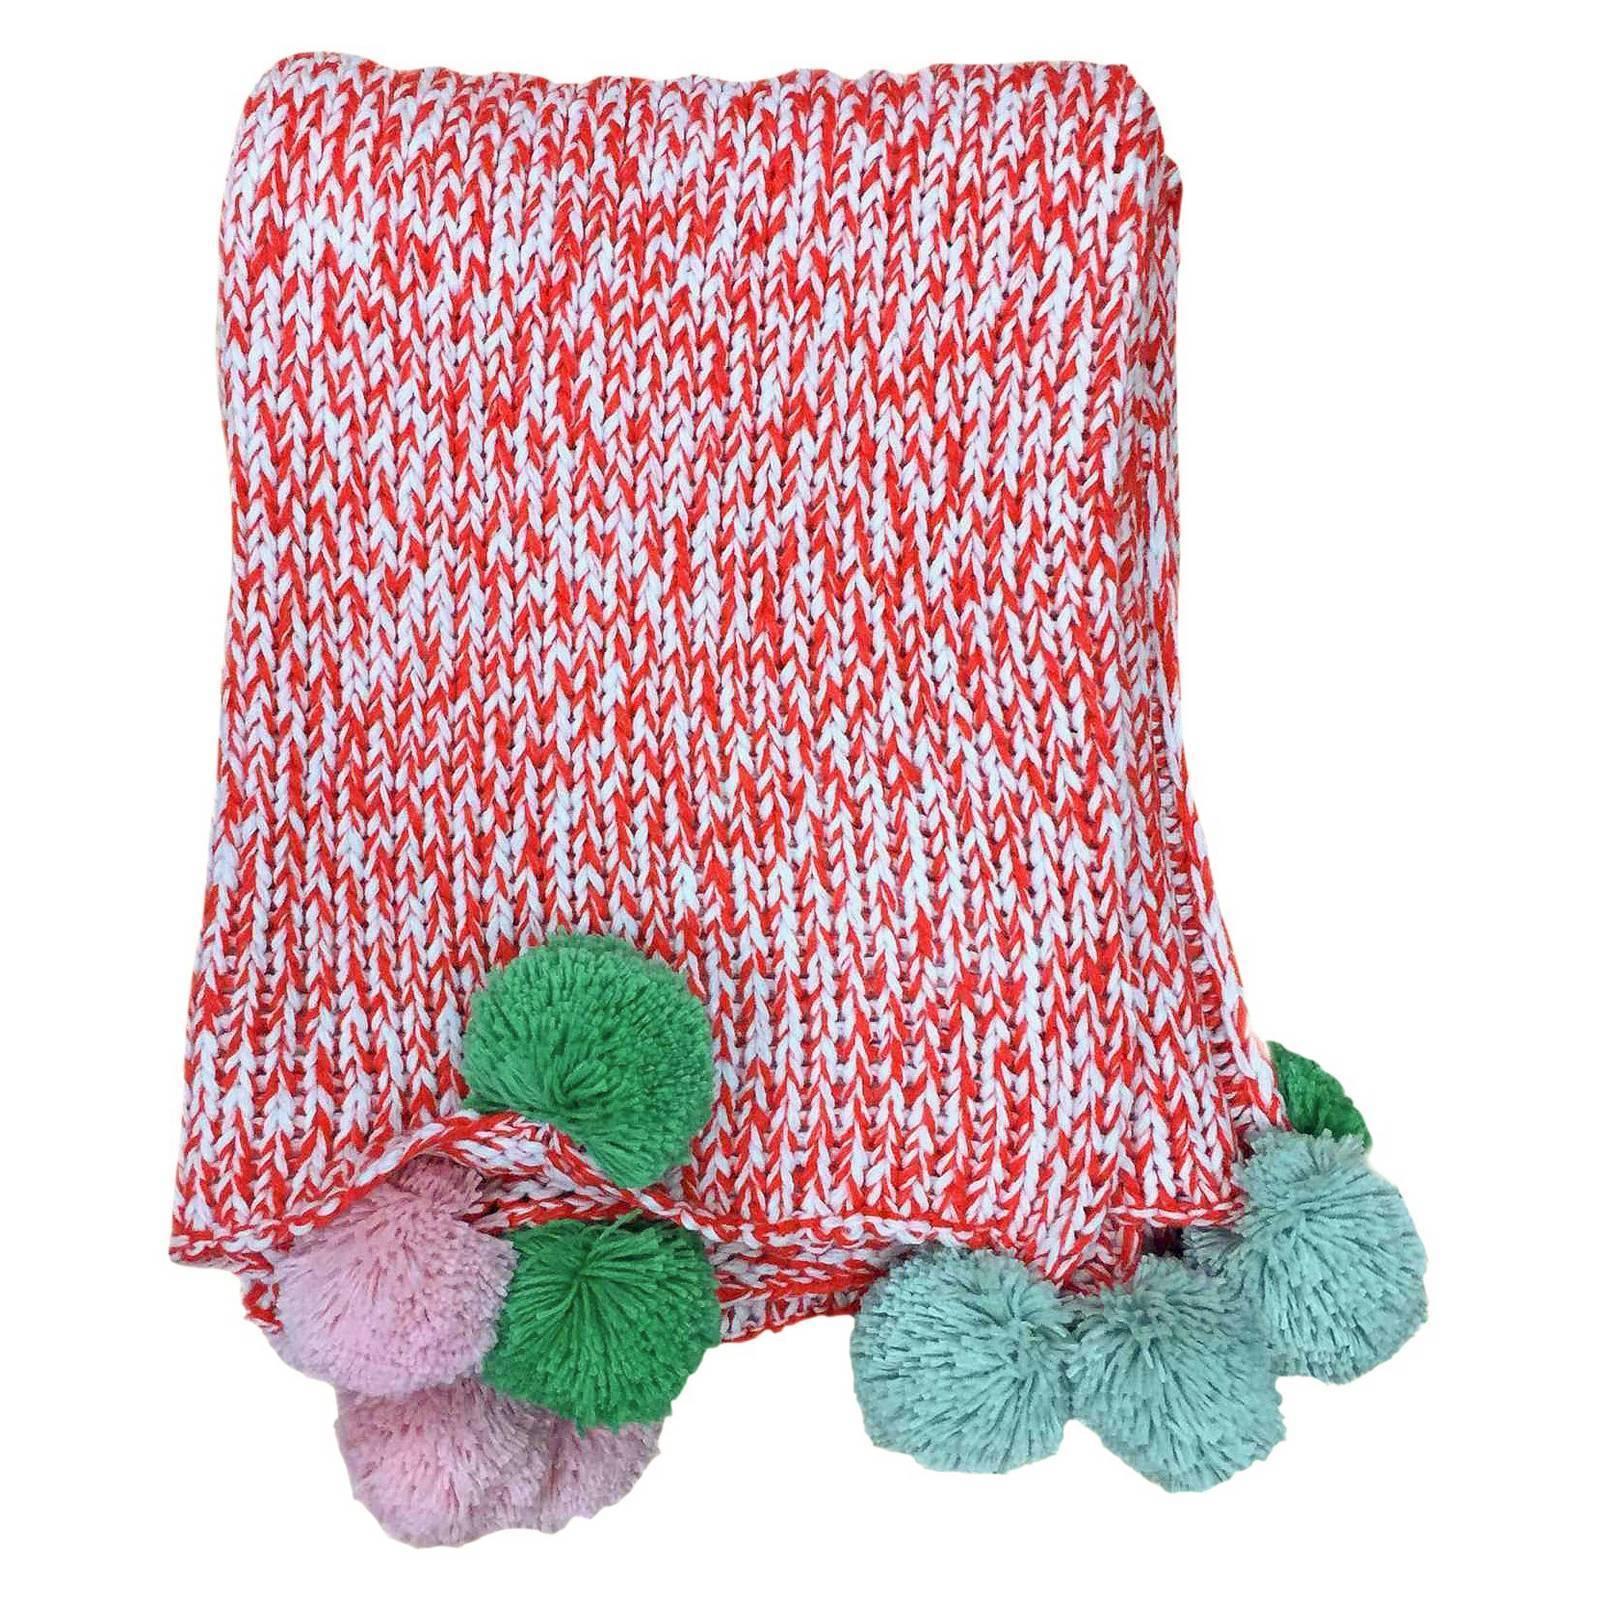 threshold pom pom marled knit throw blanket red size 60 l x 50